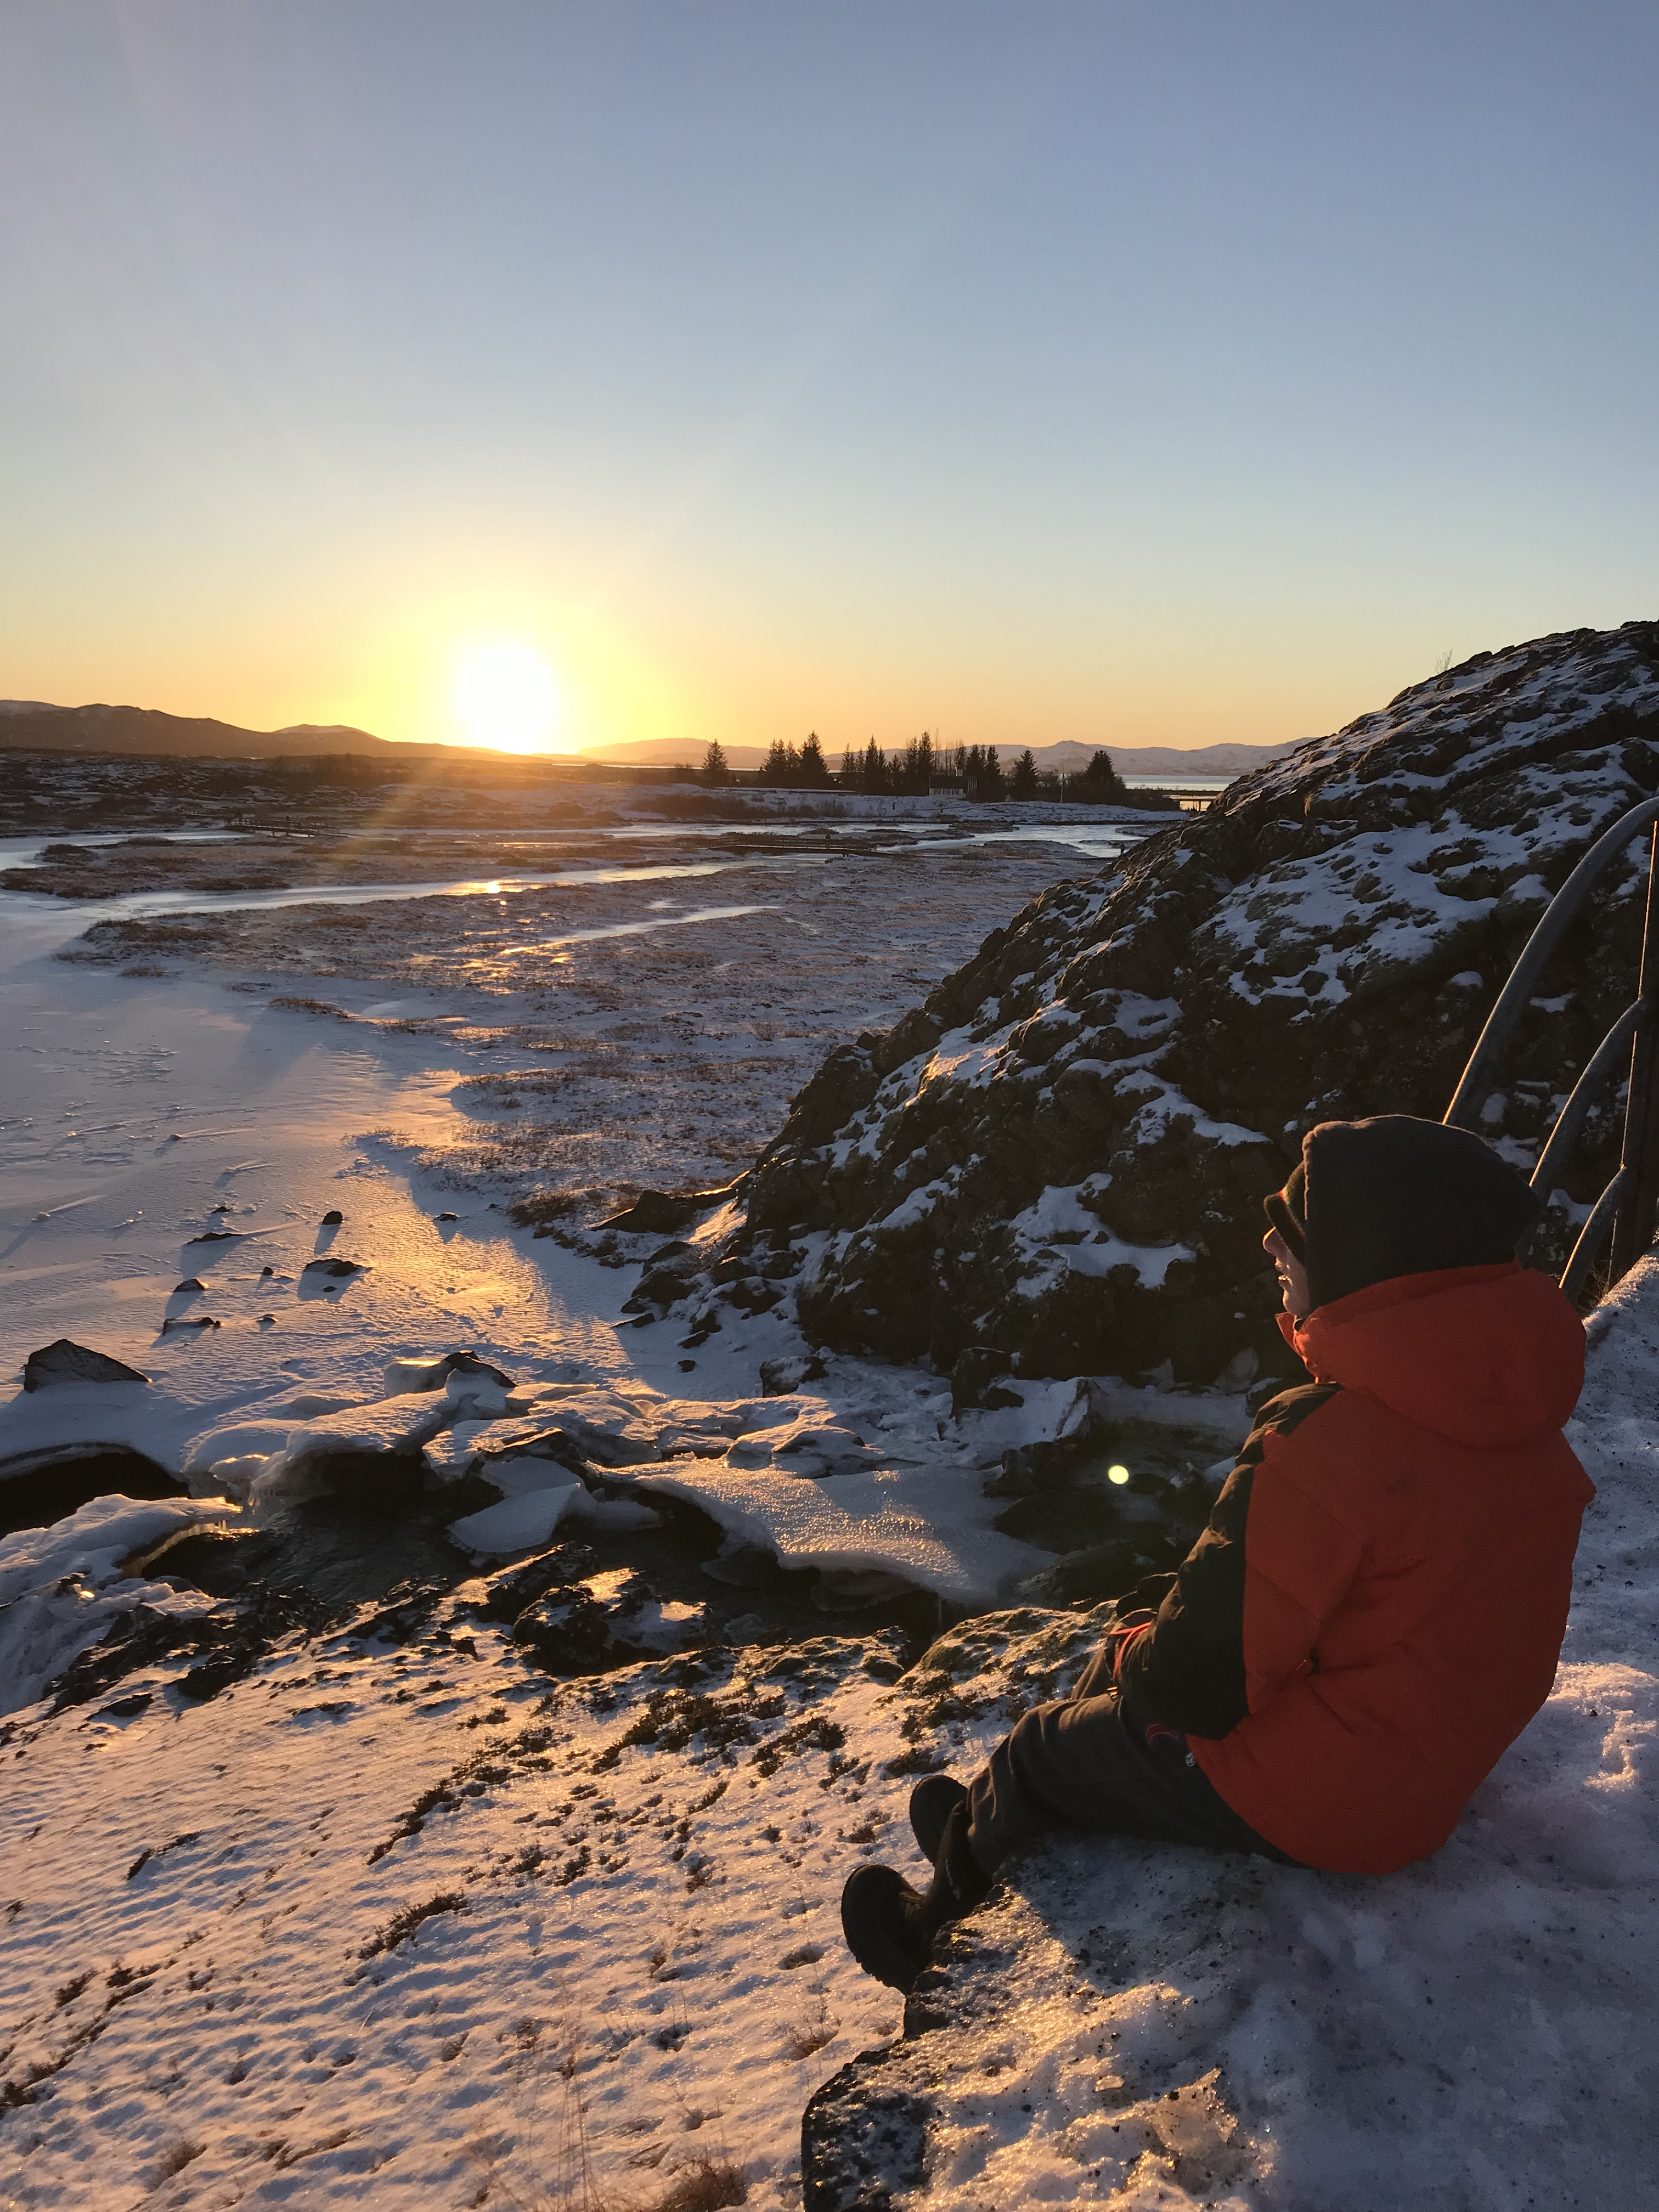 Amazing Iceland - breathtaking scenery